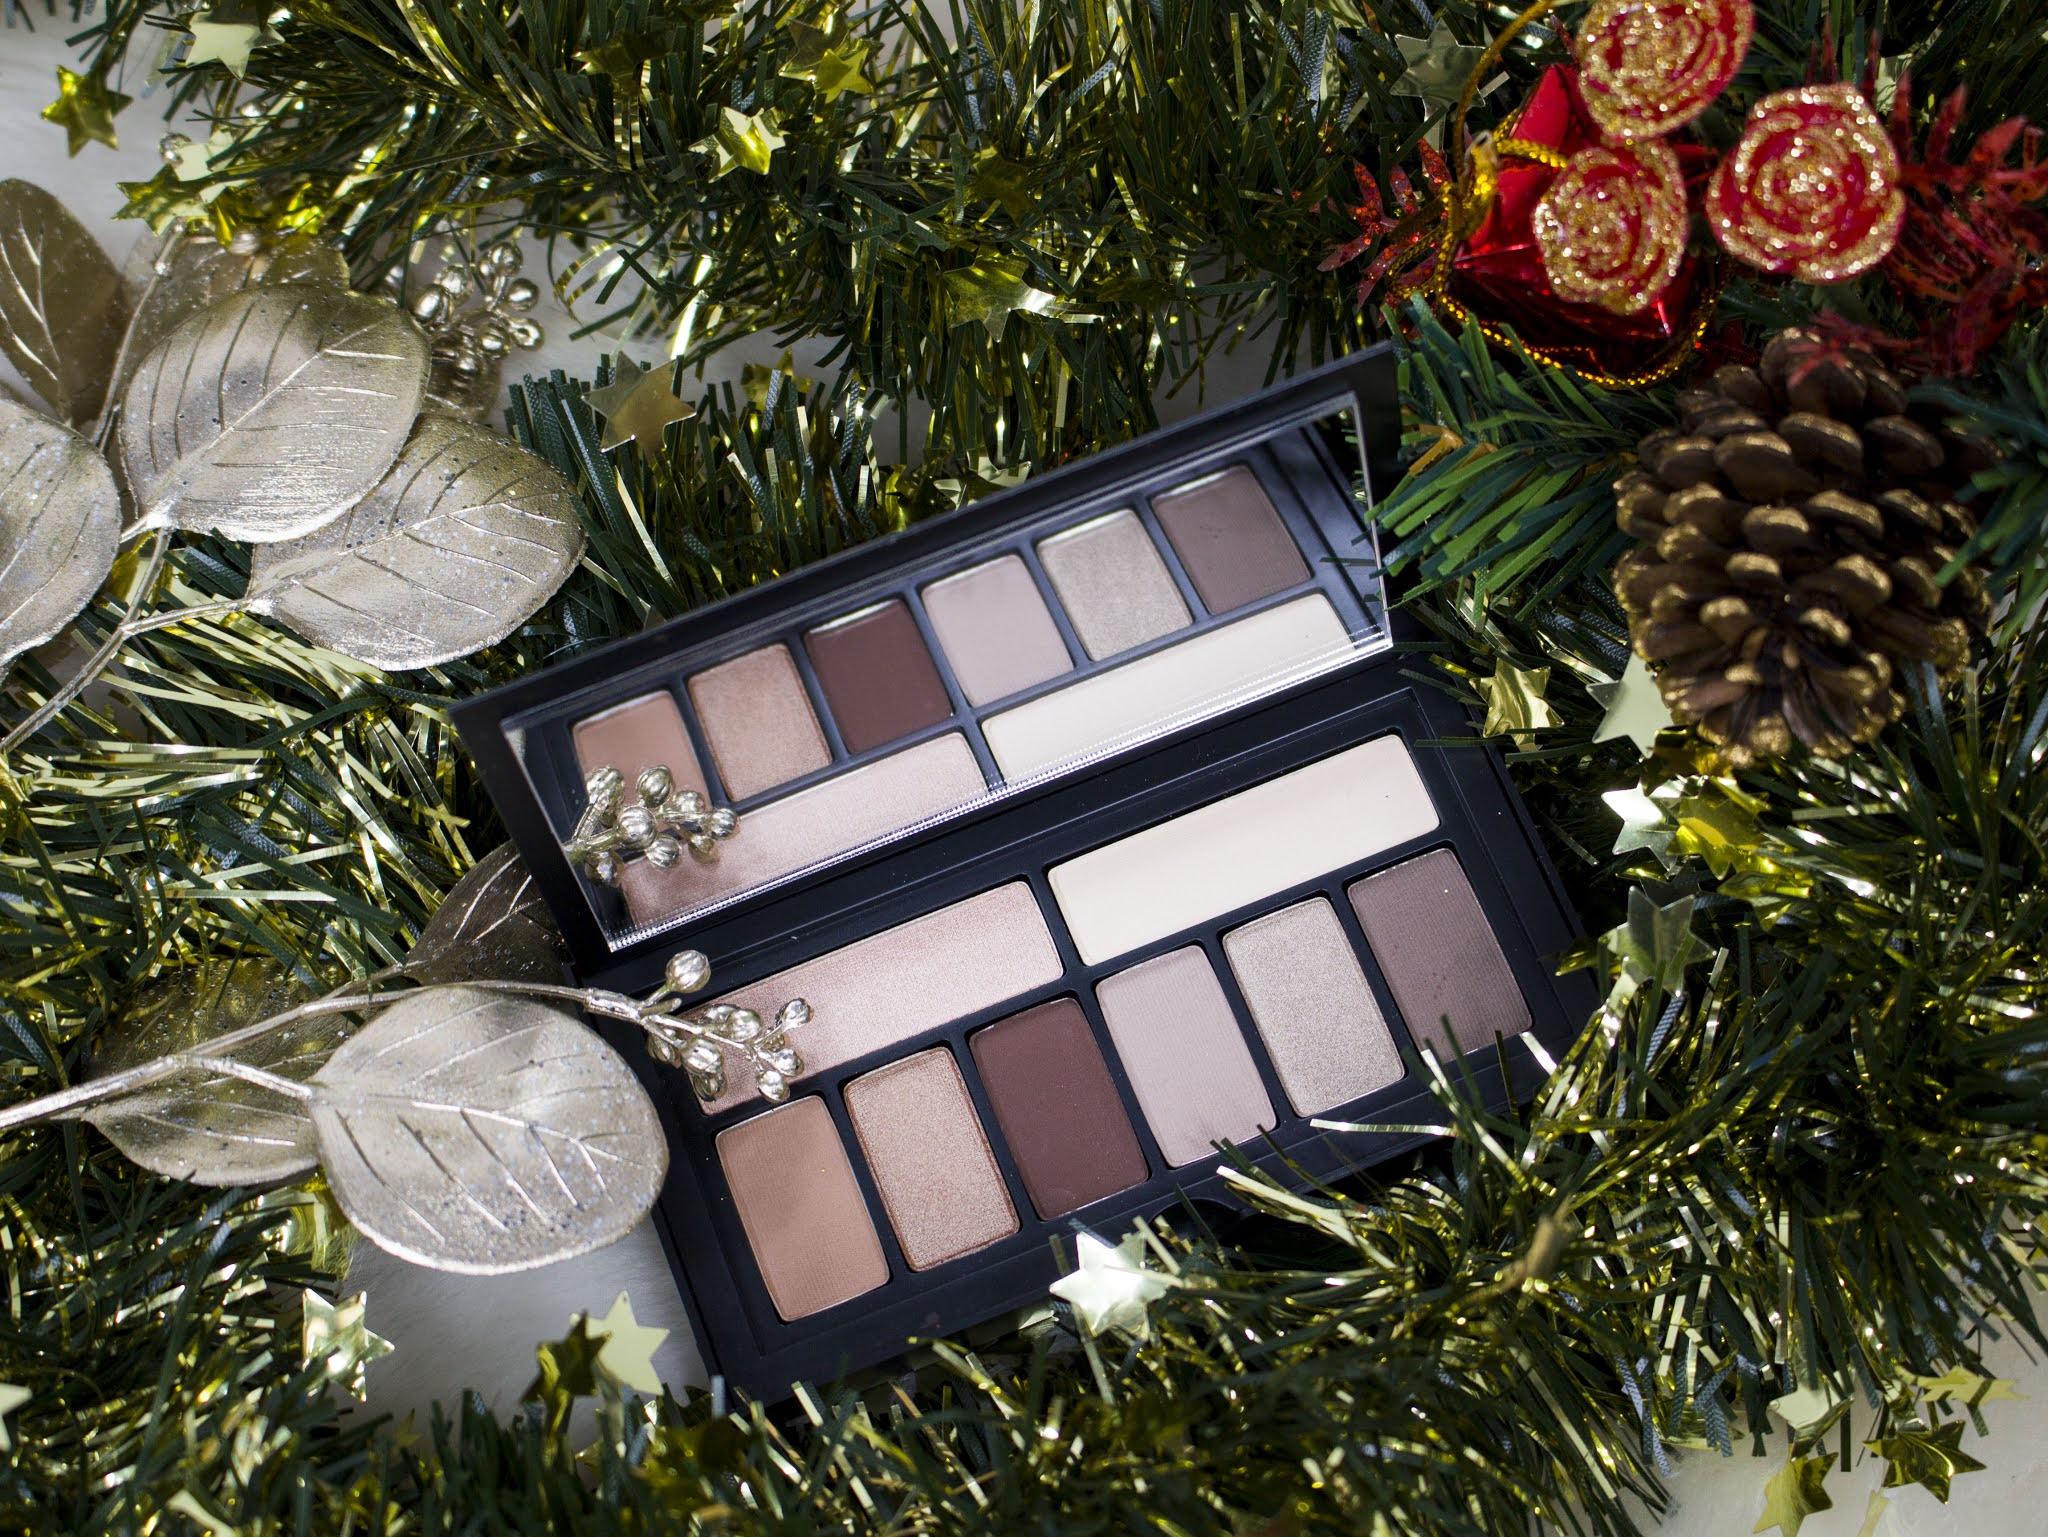 ideen für geschenke zu weihnachten empfehlungen für beauty produkte make up lidschattenpaletten